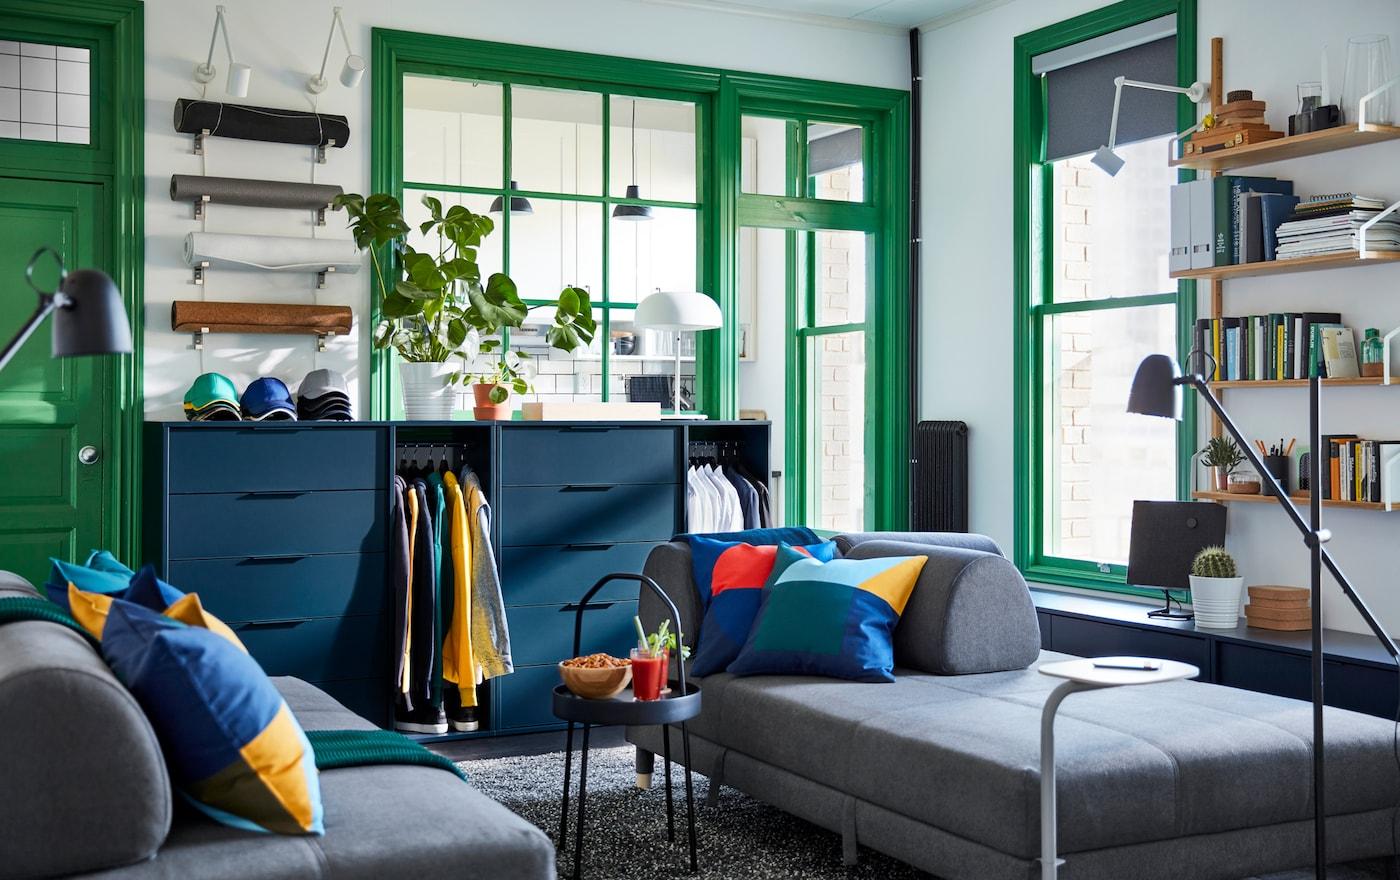 A co shared living area IKEA